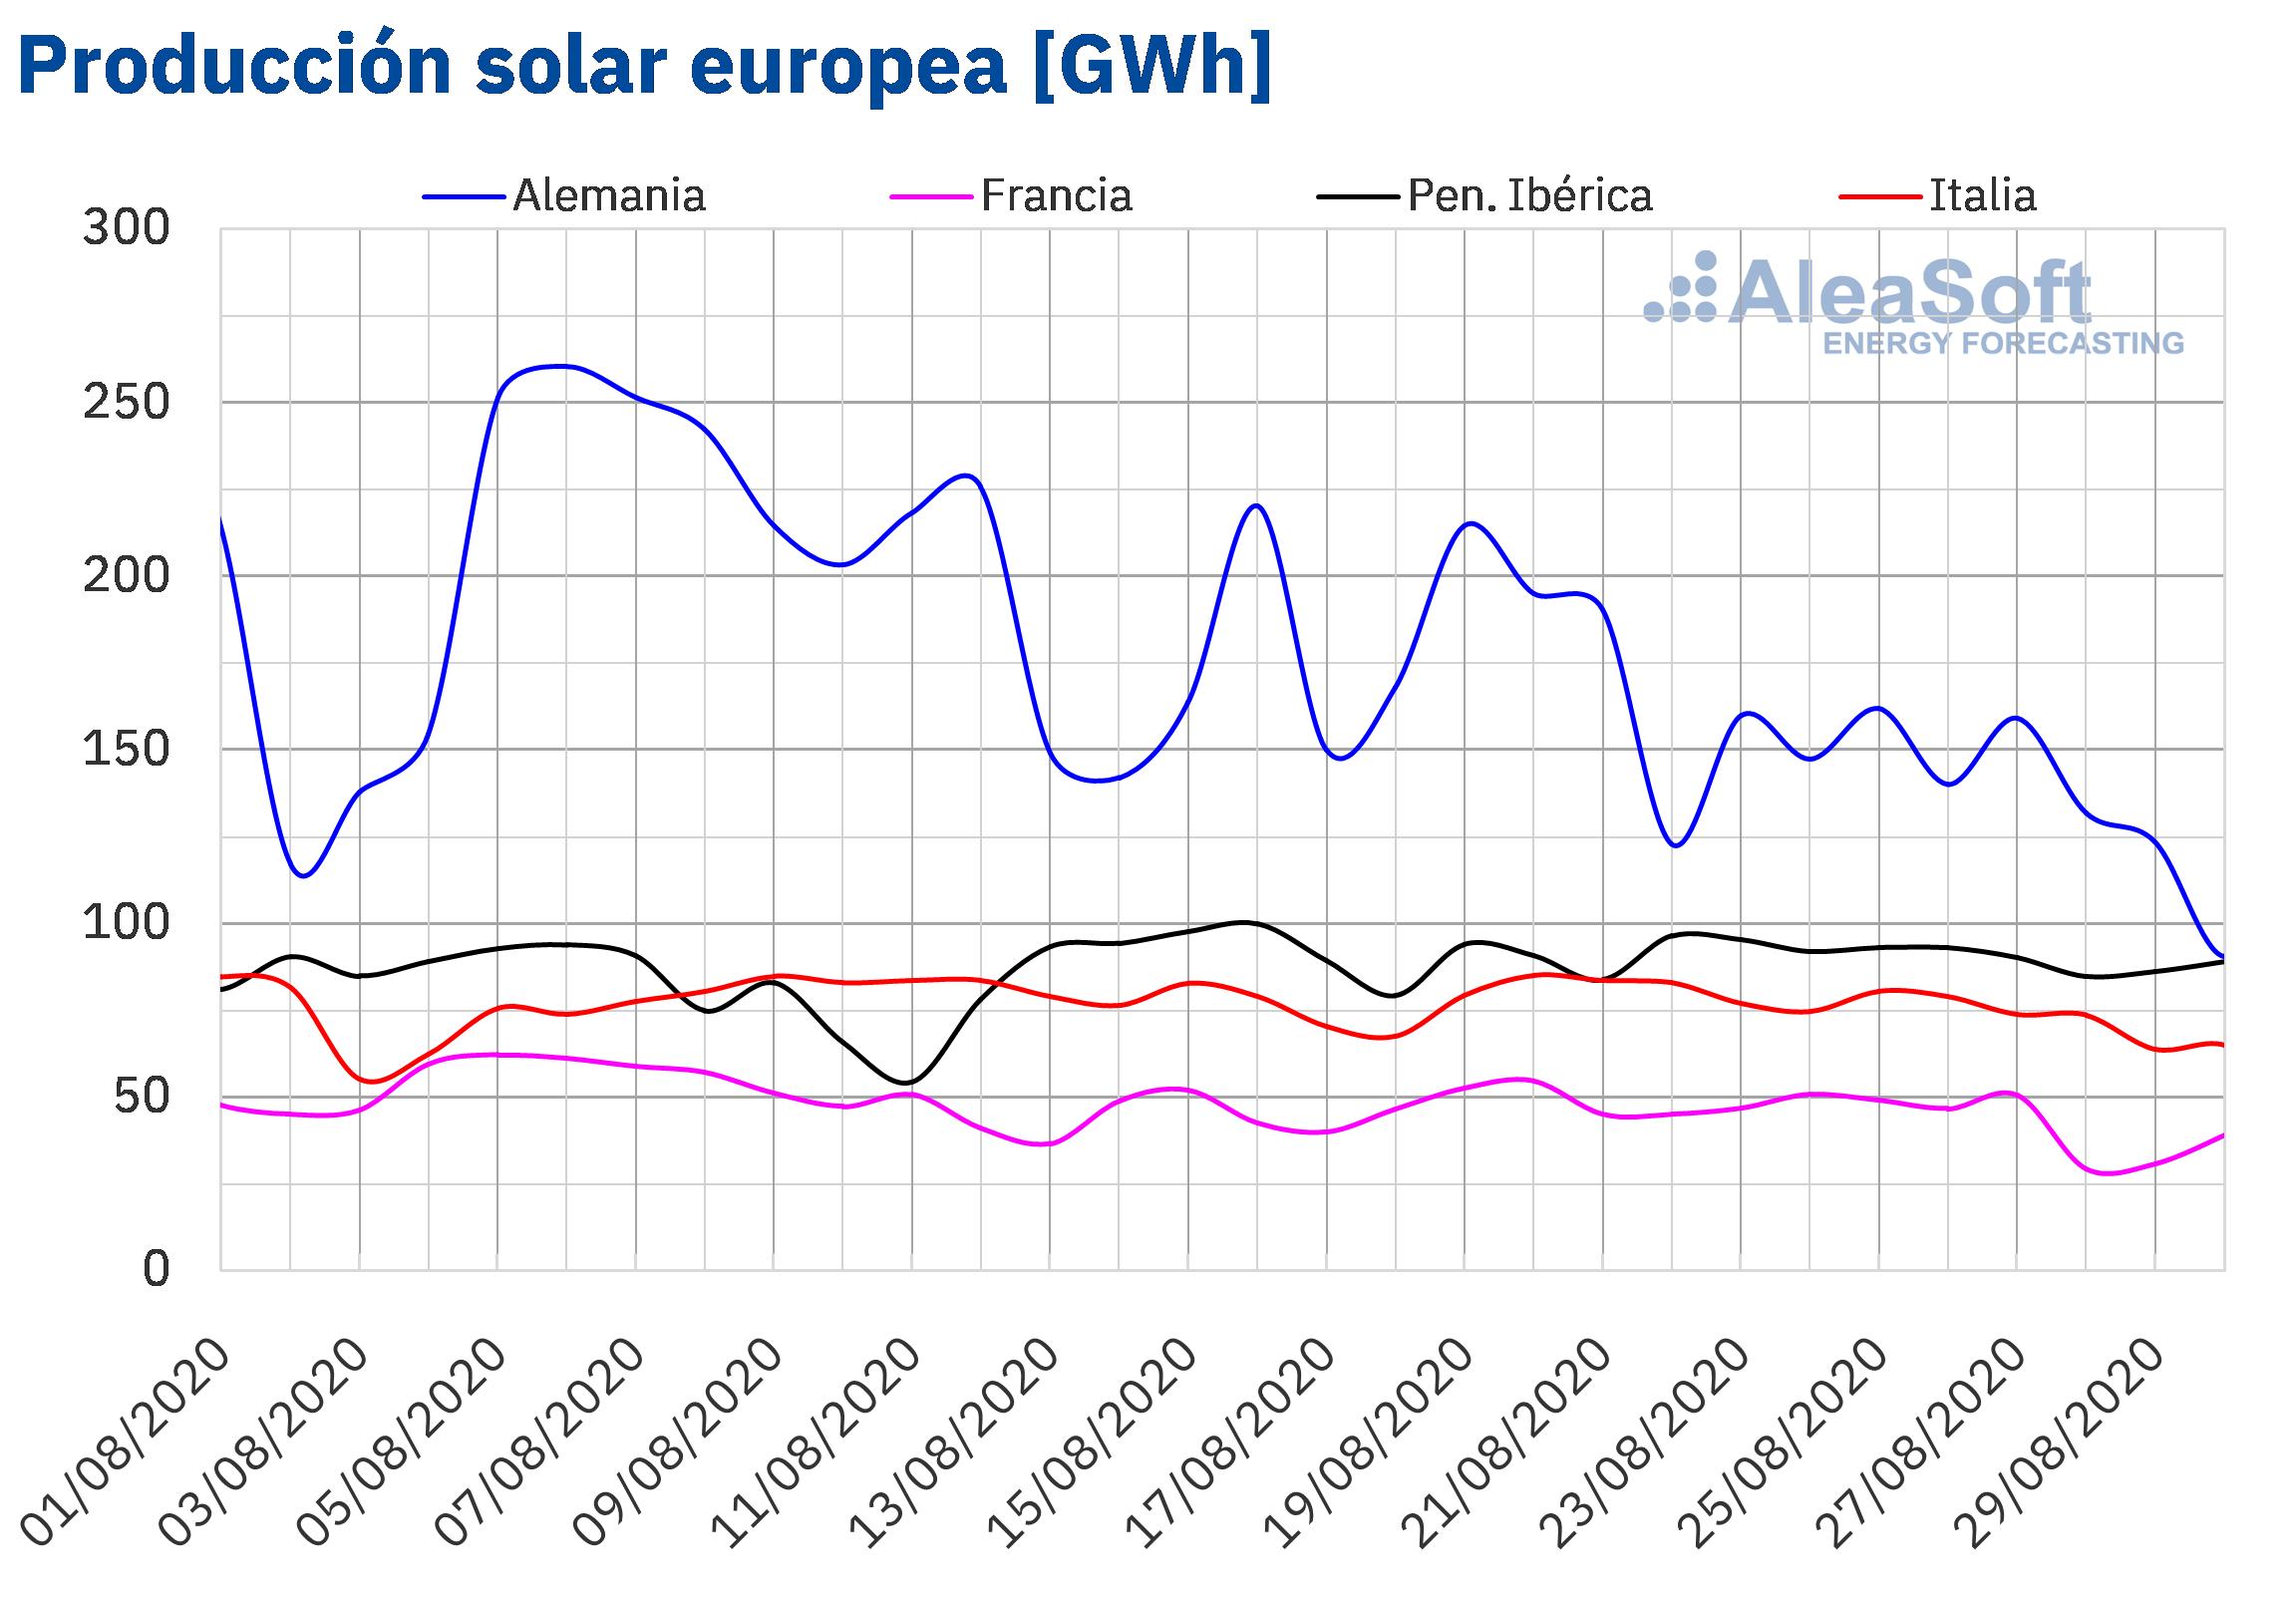 AleaSoft - Producción solar fotovoltaica y termosolar de electricidad de Europa